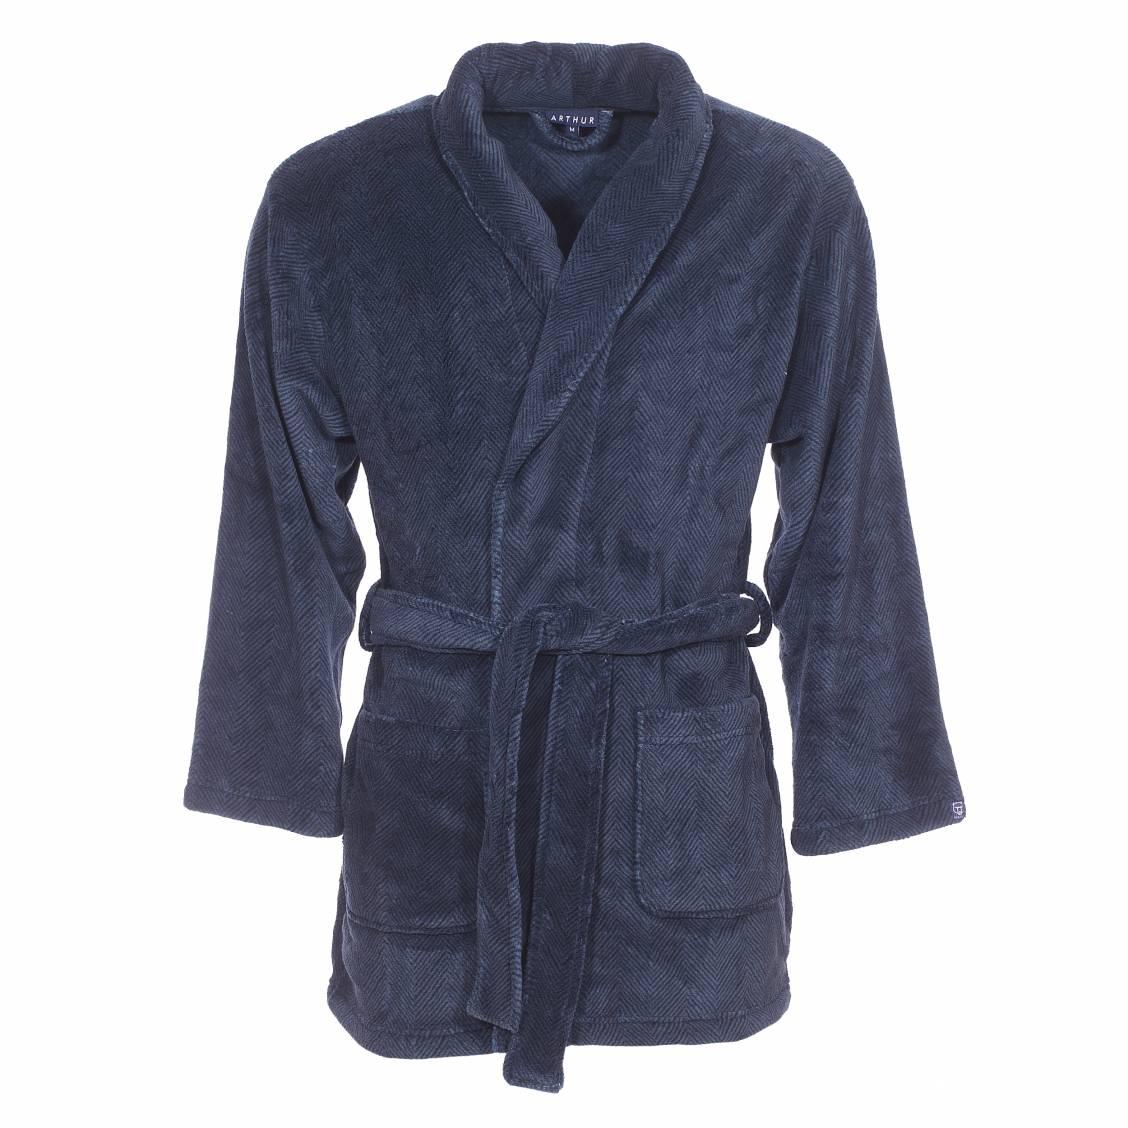 veste d interieur homme veste d u0027int rieur pour homme en laine shetland avec contrastes en. Black Bedroom Furniture Sets. Home Design Ideas